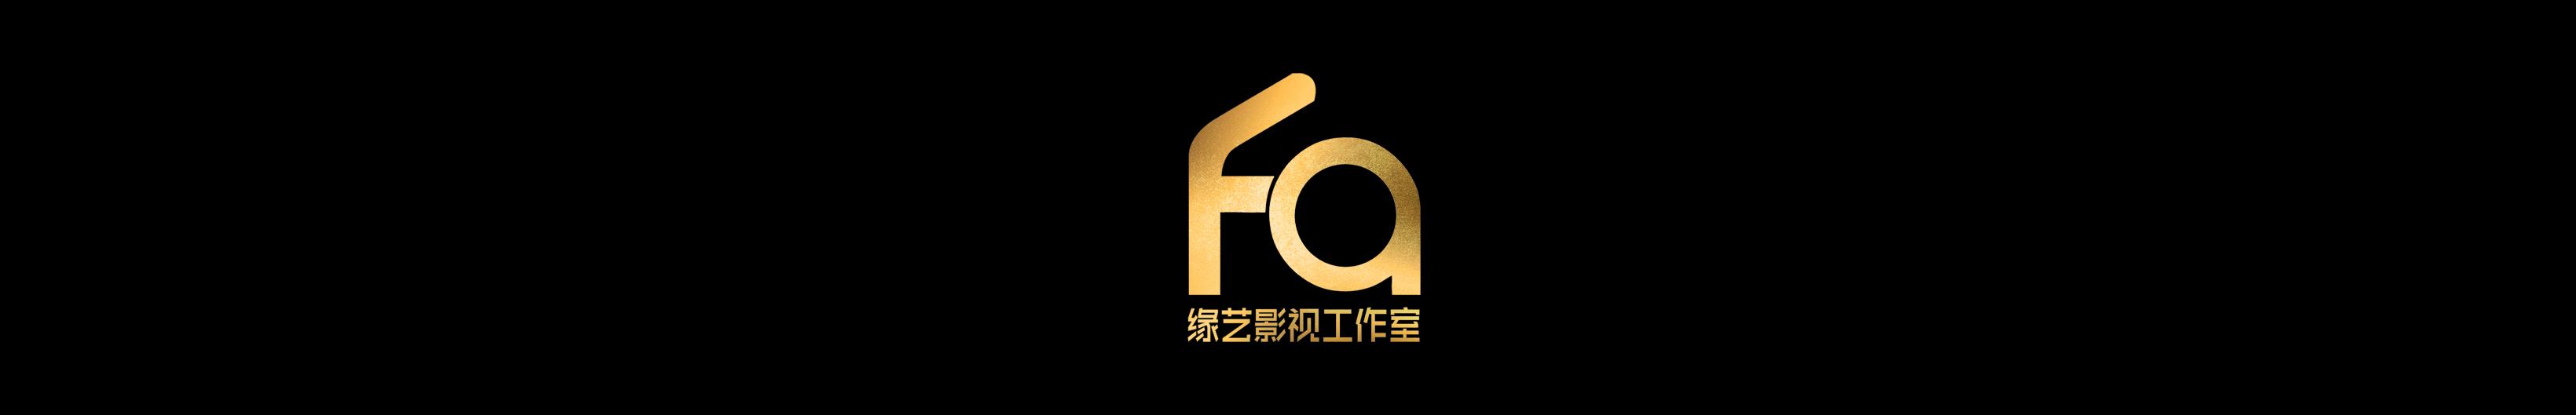 新动态摄影 banner